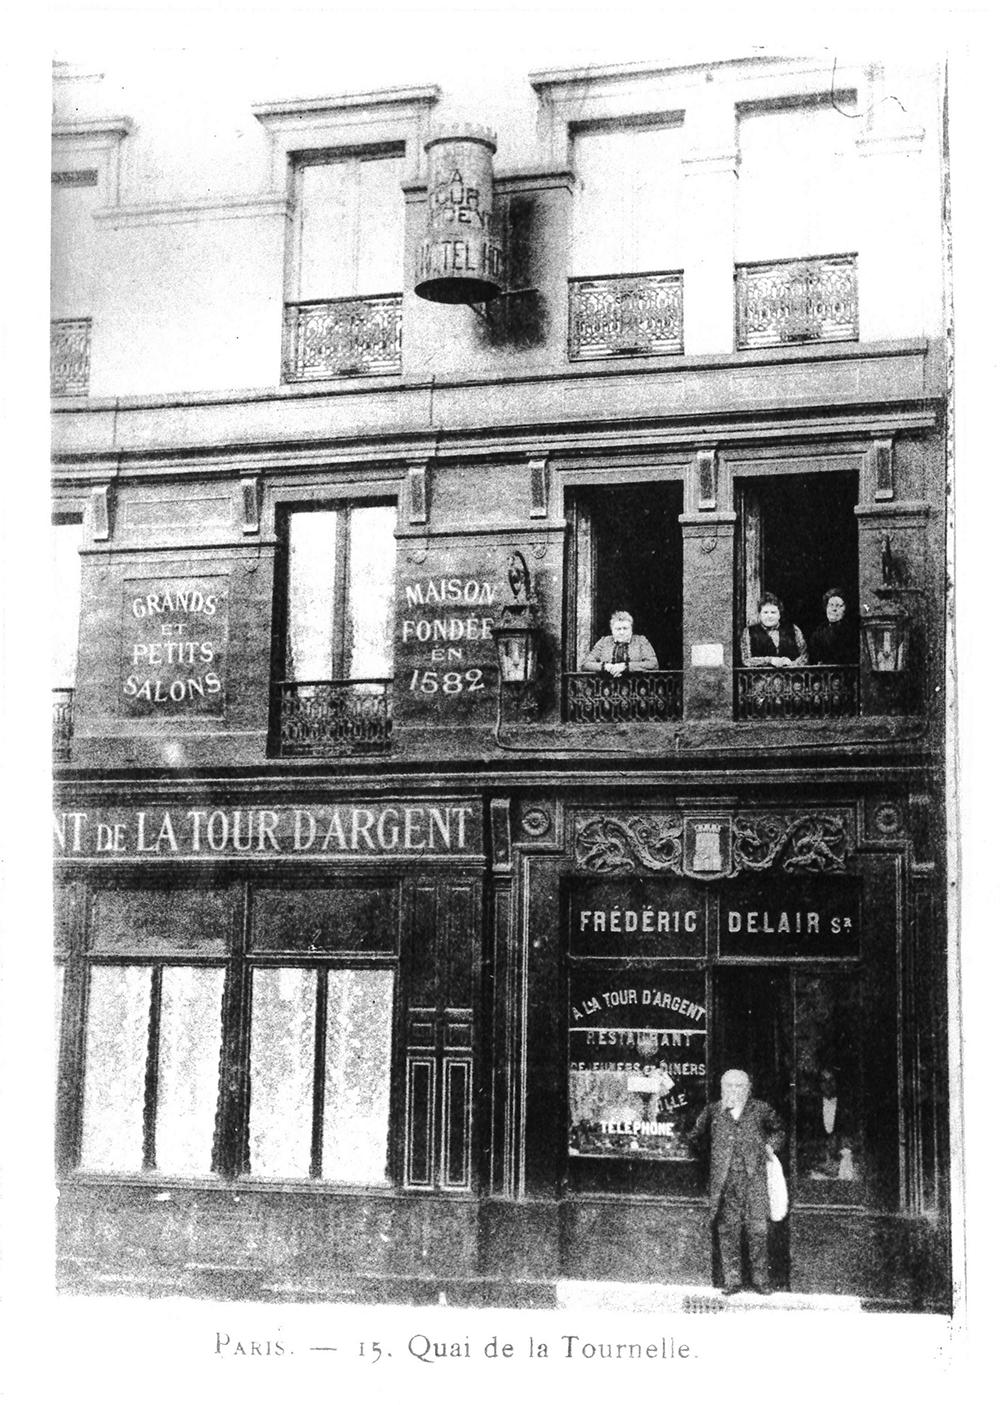 La Tour d'Argent, Photo courtesy of ARTCURIAL Auction House